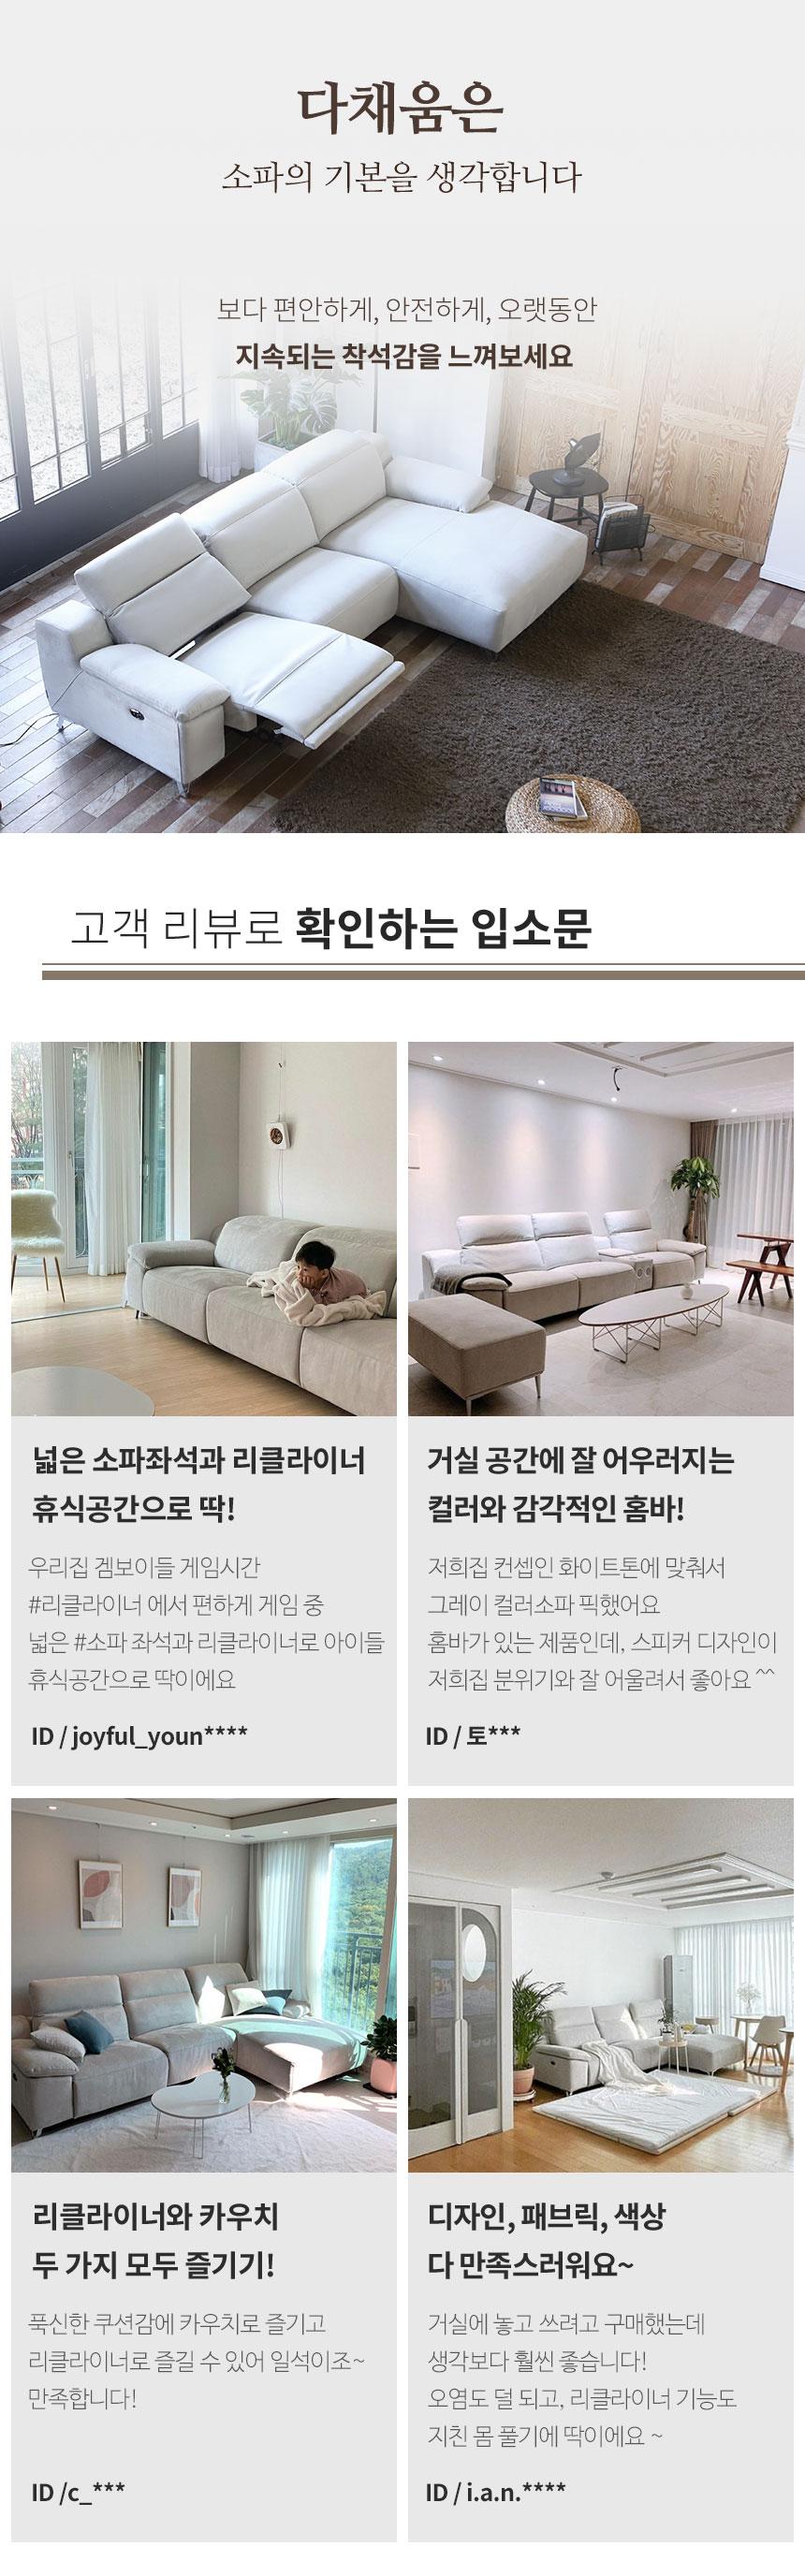 브랜드 소개 & 리뷰